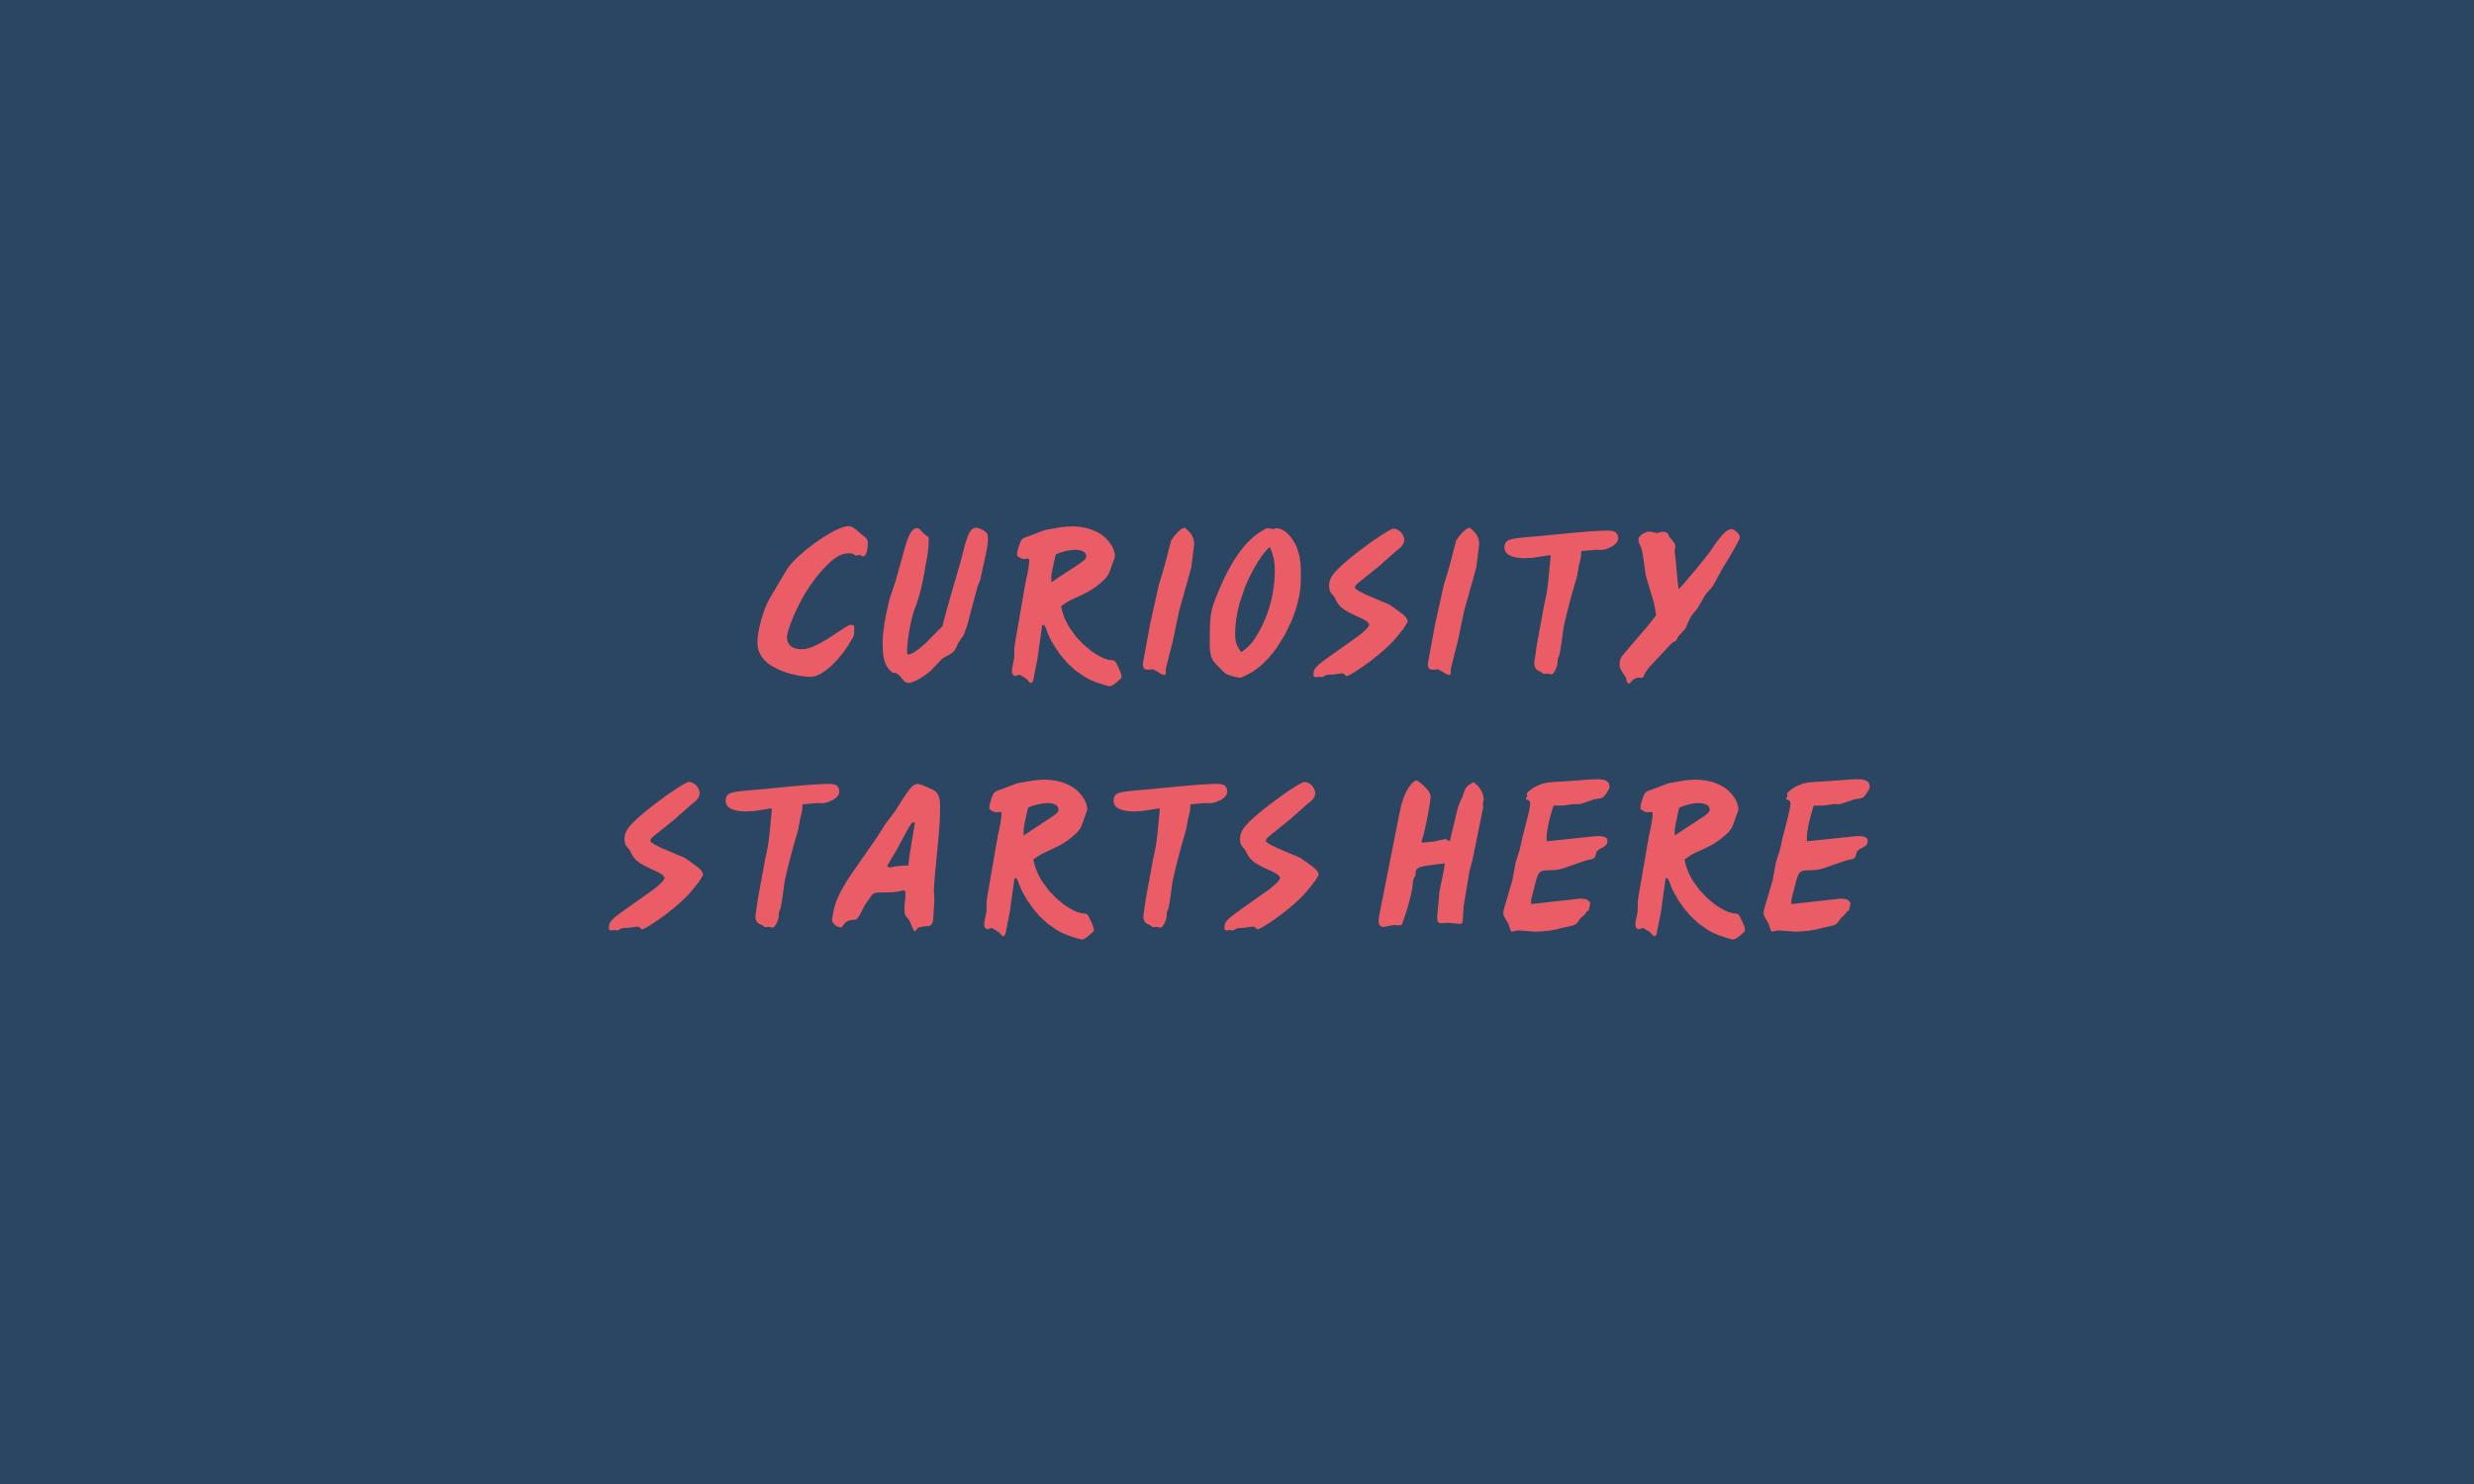 curiosityfullscreen